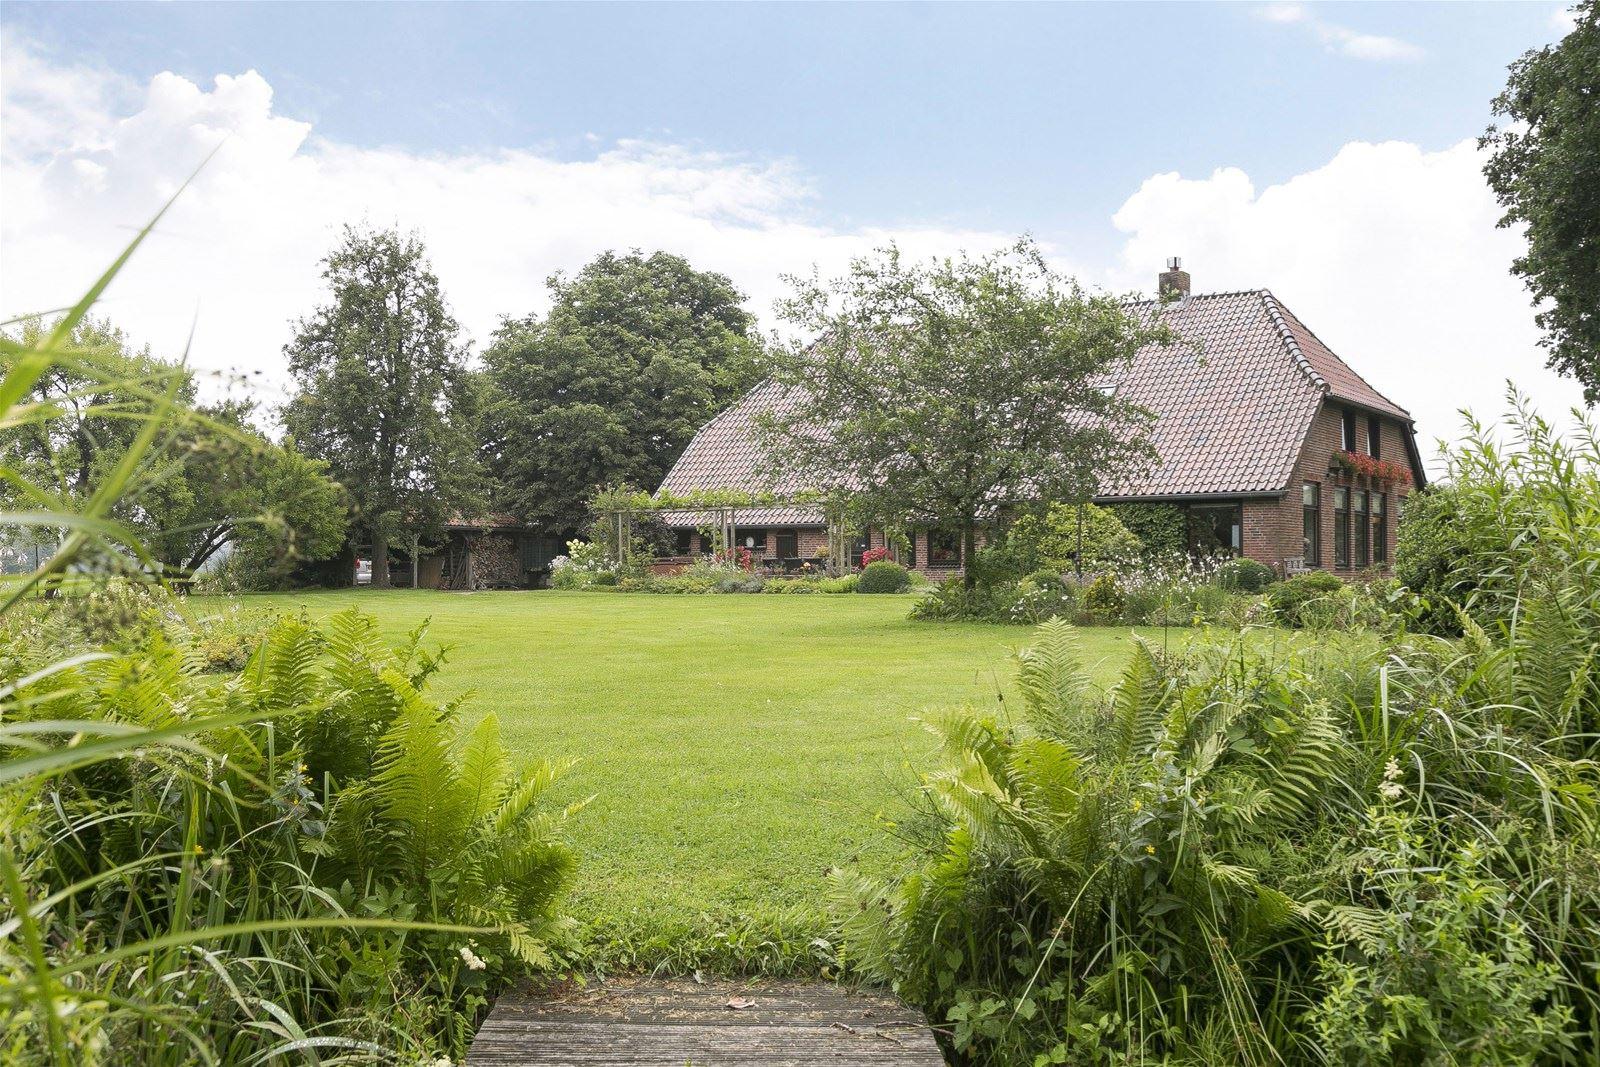 Huis te koop bekkendammerweg 1 7478 pc diepenheim funda for Funda woonboerderij twente